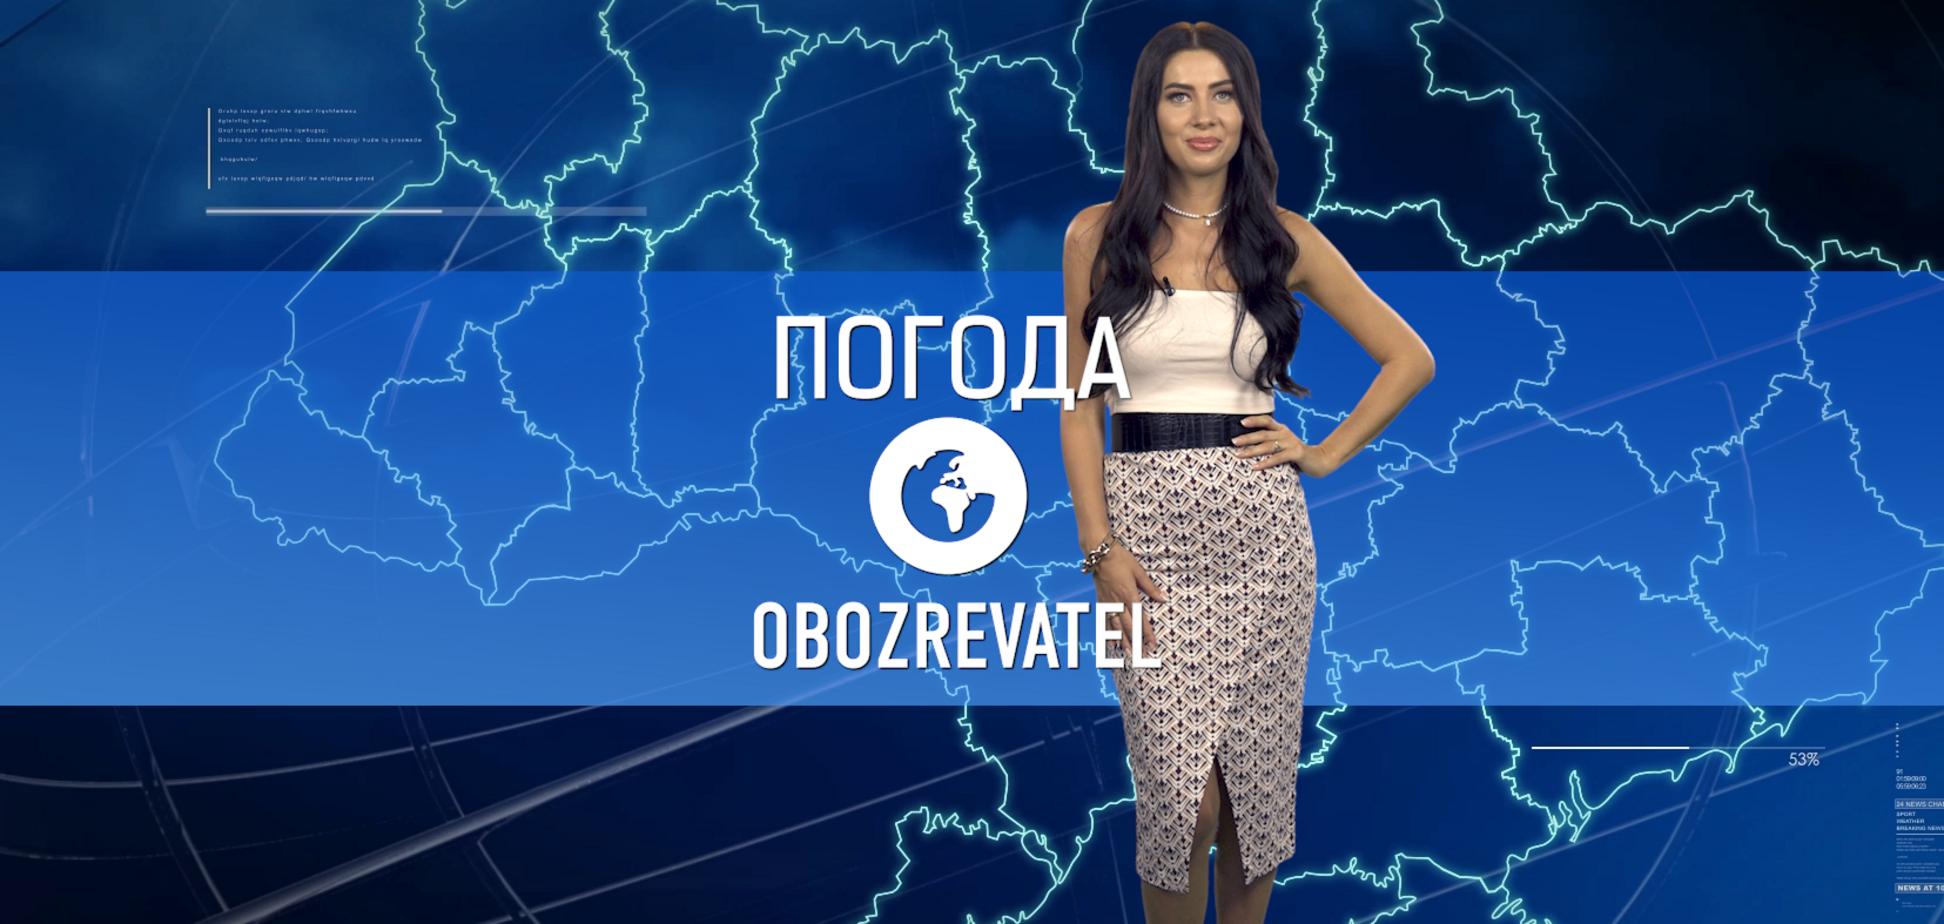 Прогноз погоды в Украине на воскресенье, 20 июня, с Алисой Мярковской